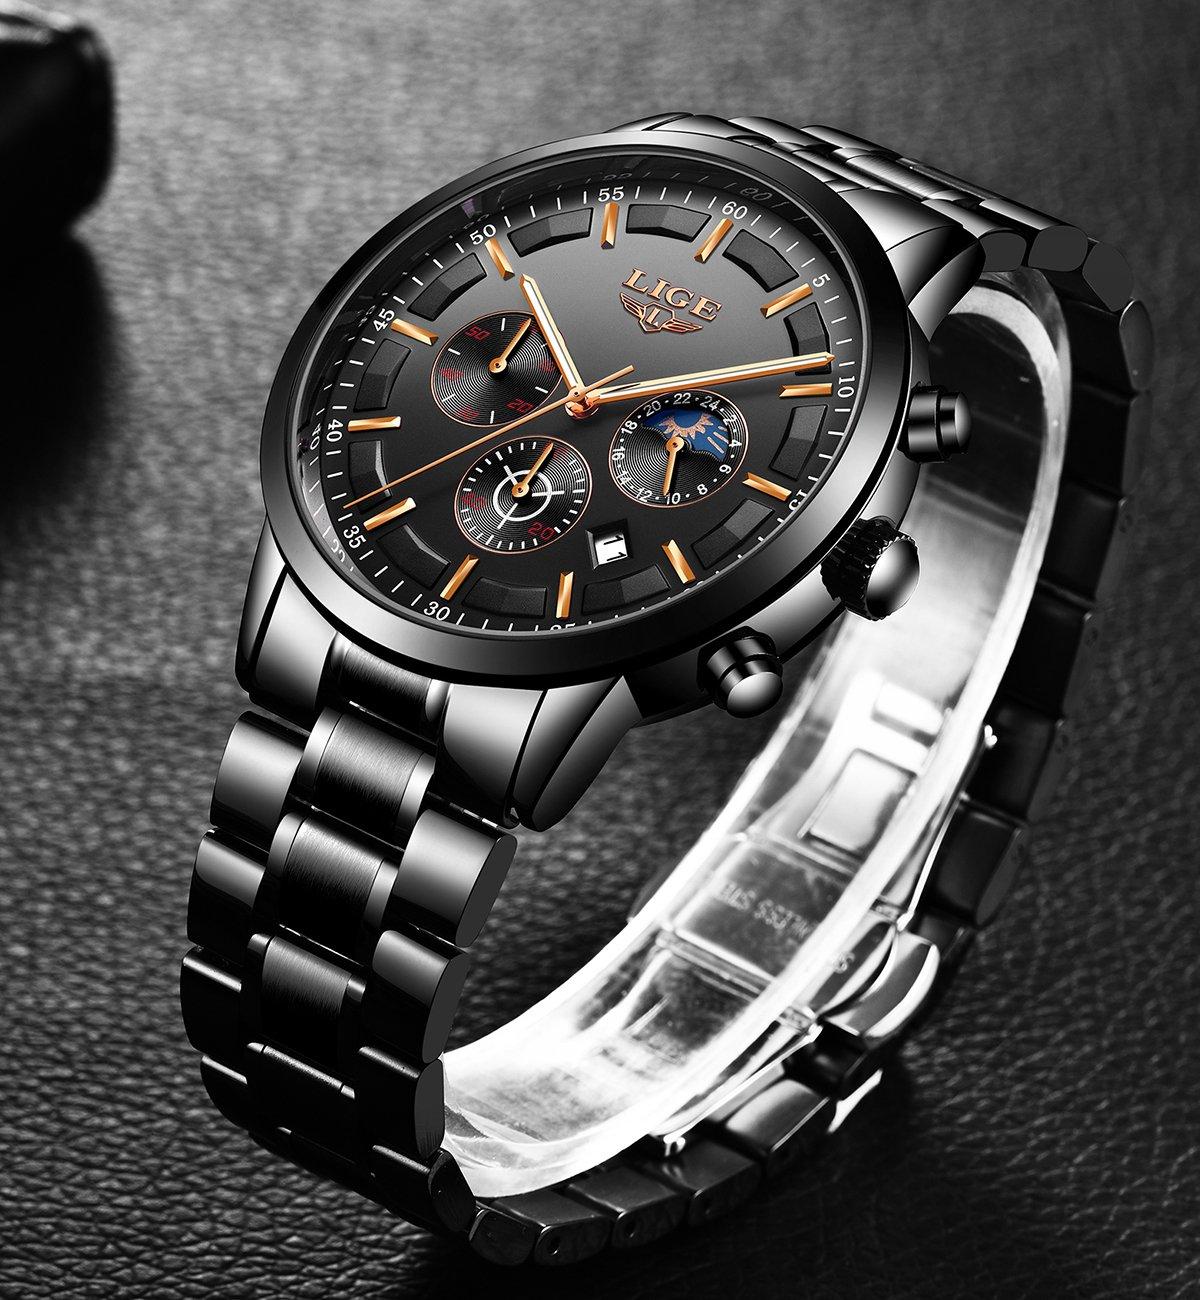 LIGE-Uhr-Herren-Beilufig-Sports-Edelstahl-Wasserdicht-Quartz-Uhr-mit-Chronograph-Kalender-Datum-Schwarz-Armbanduhren